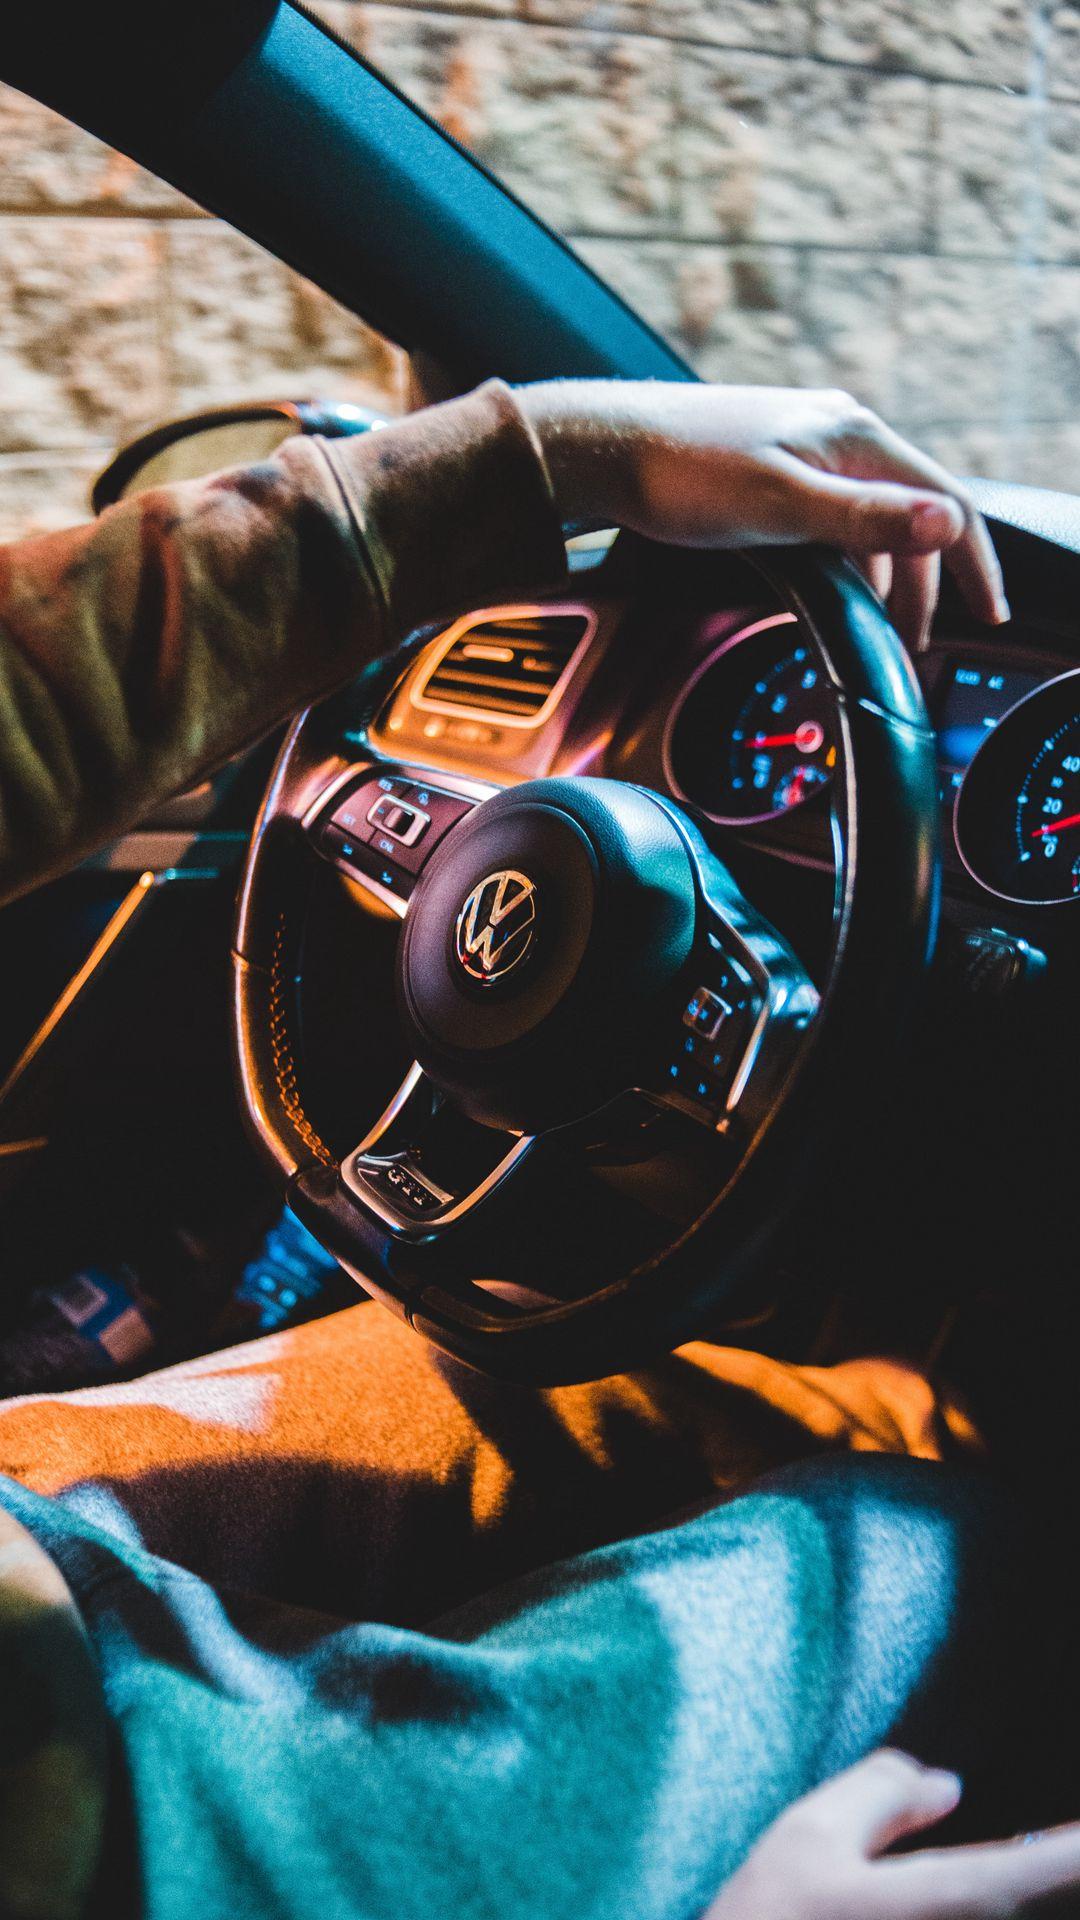 Volkswagen Car Steering Wheel Wallpapers Free Download